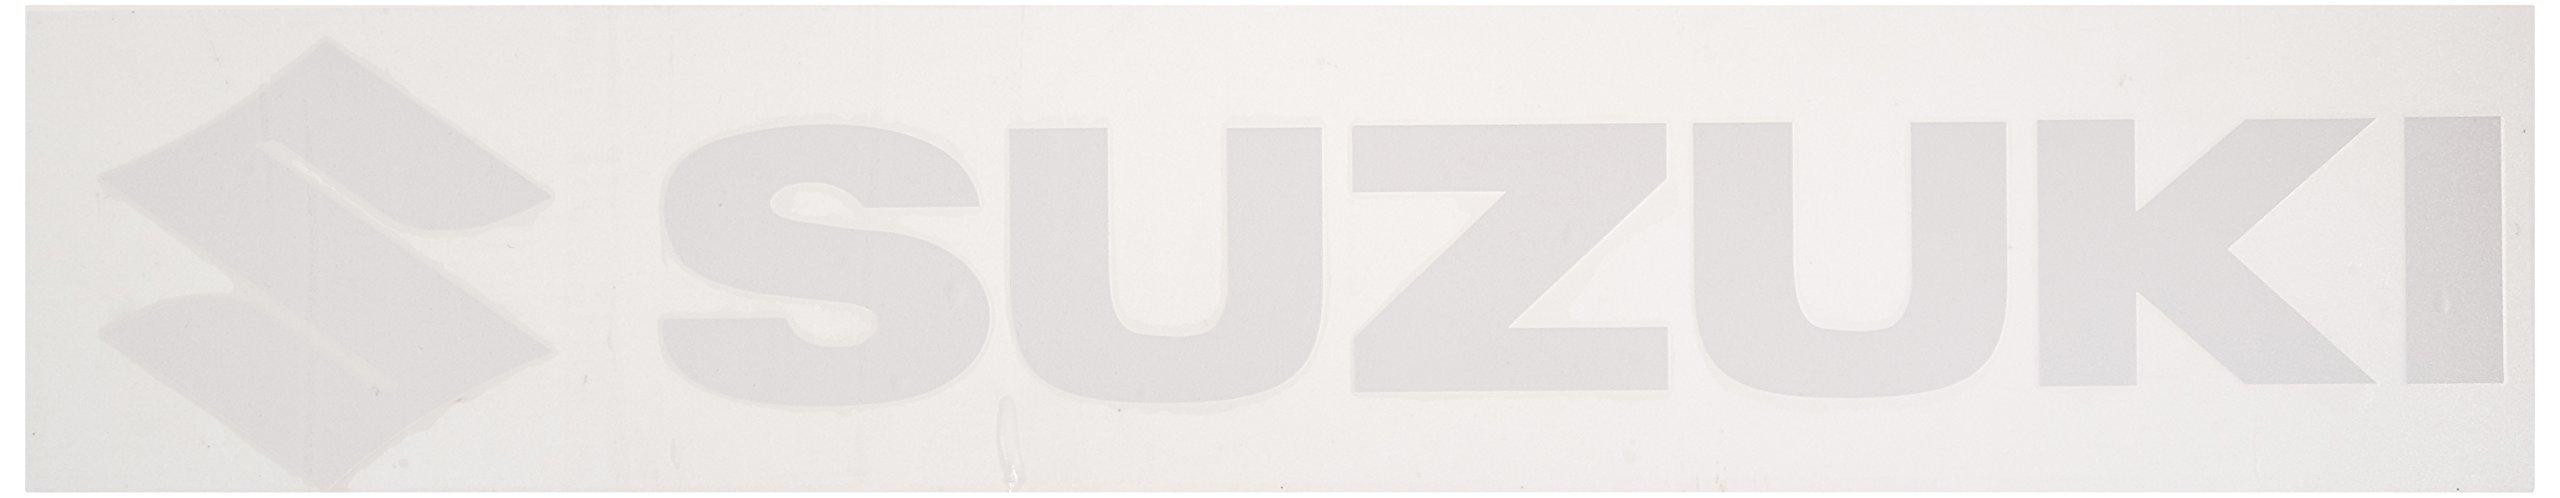 Factory Effex 08-94414 White 3' (Suzuki) Die-Cut Sticker